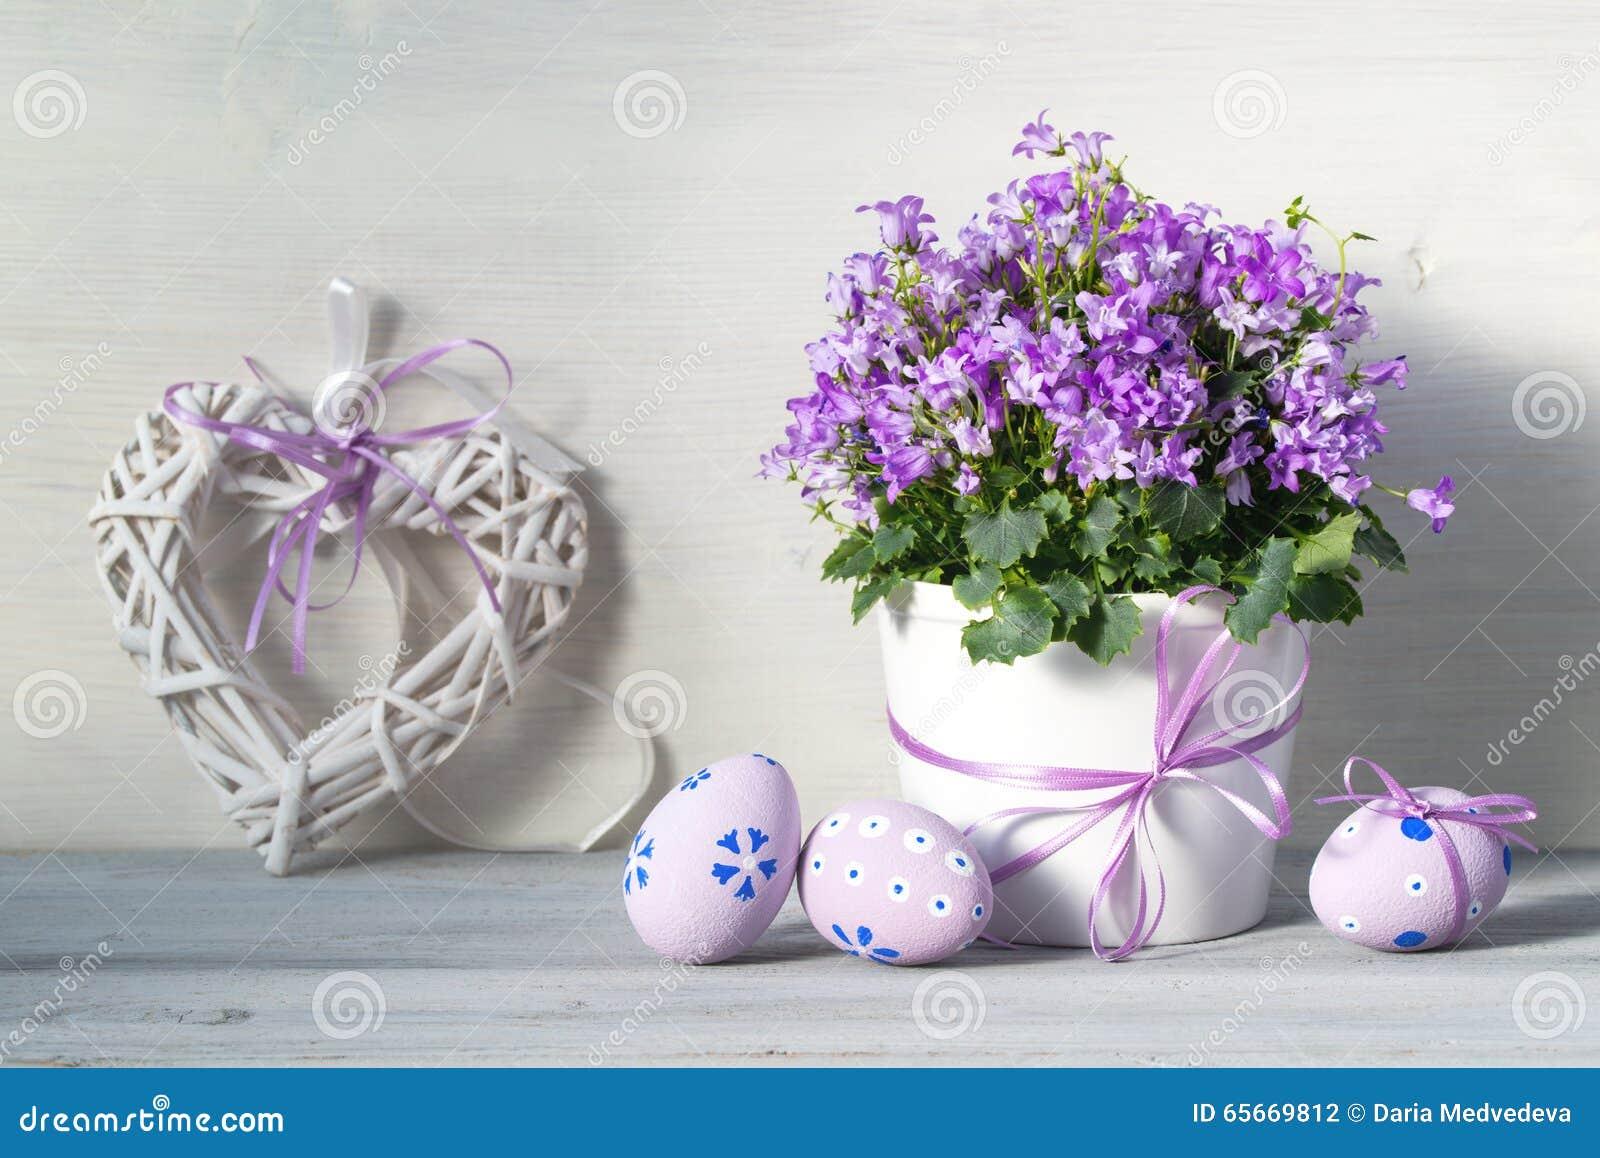 Decorazioni di pasqua con le uova di pasqua un vaso dei - Decorazioni per pasqua ...